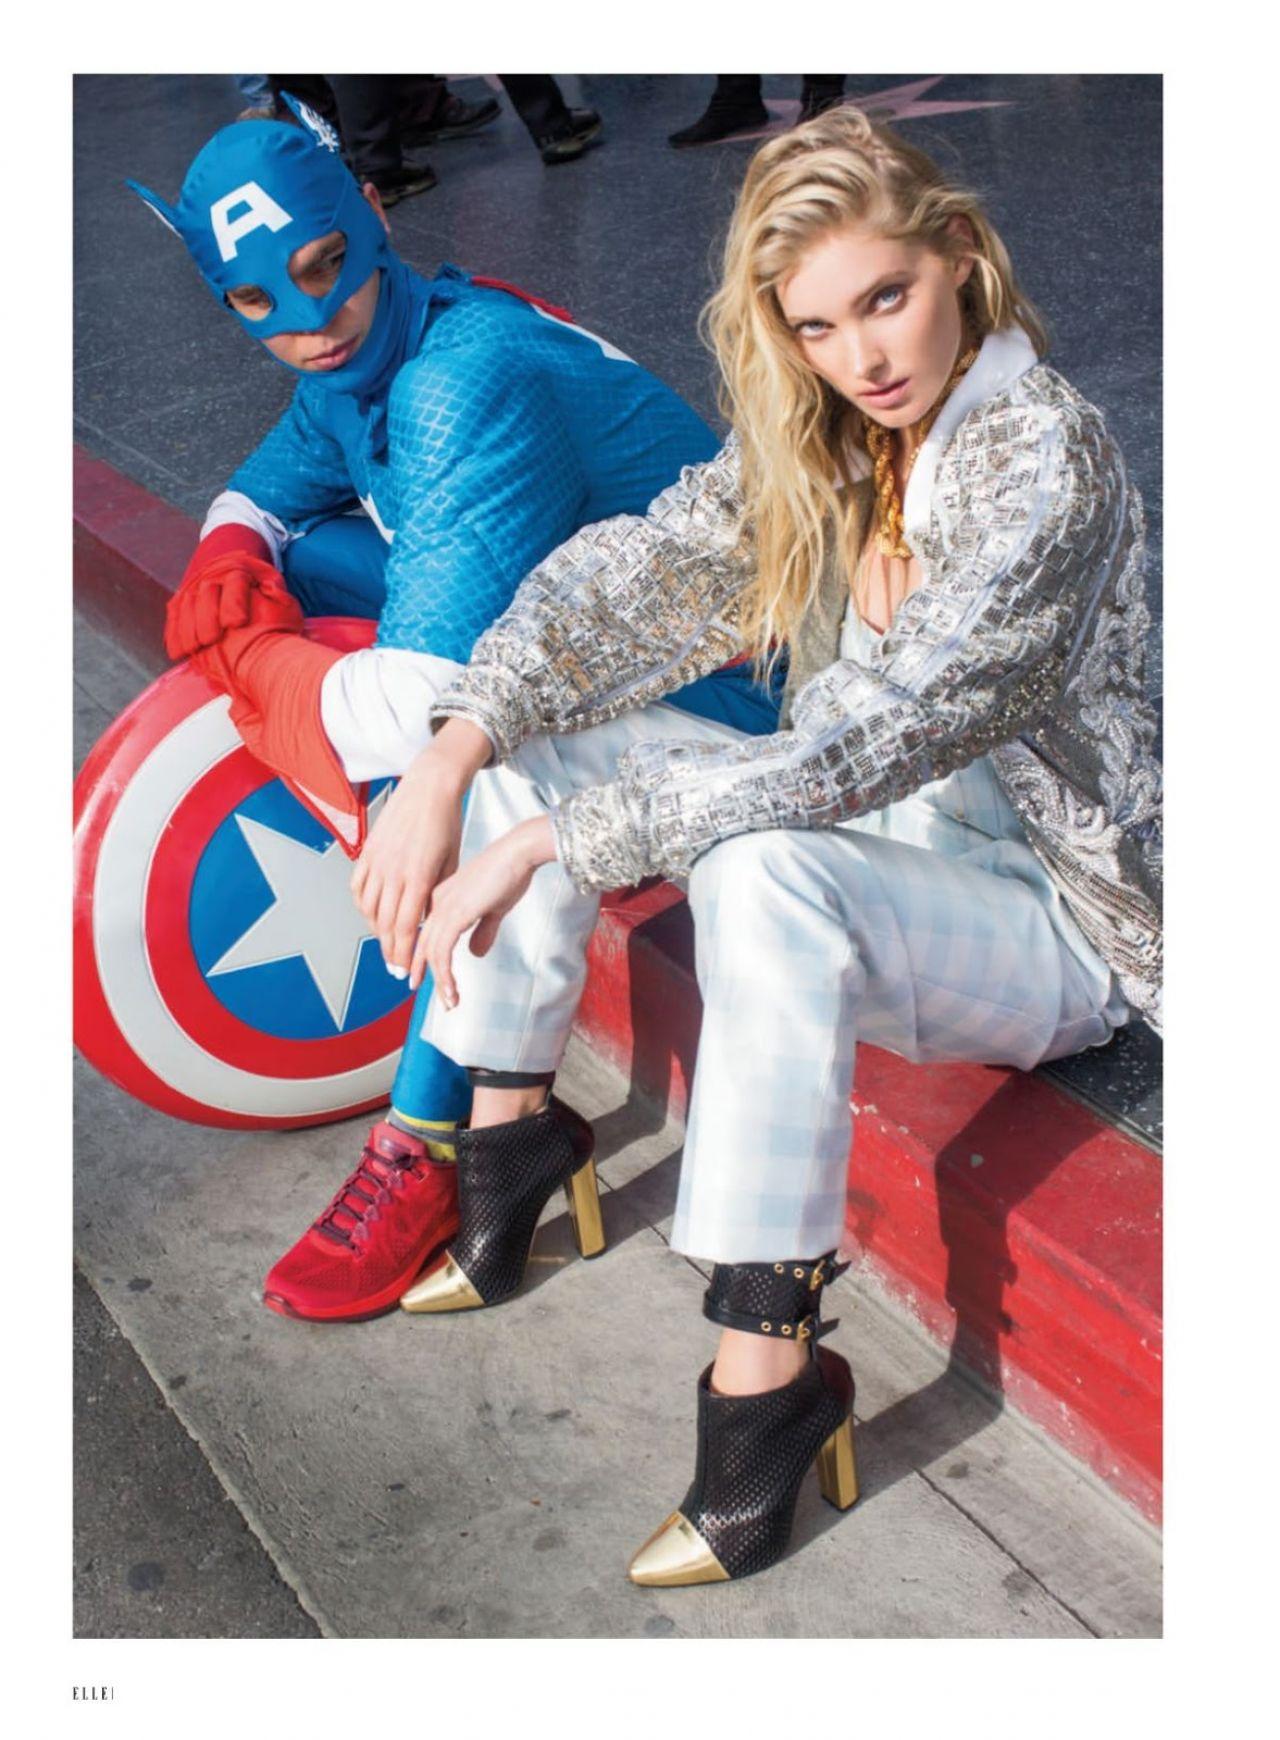 Elsa Hosk - Elle Magazine - March 2014 Issue